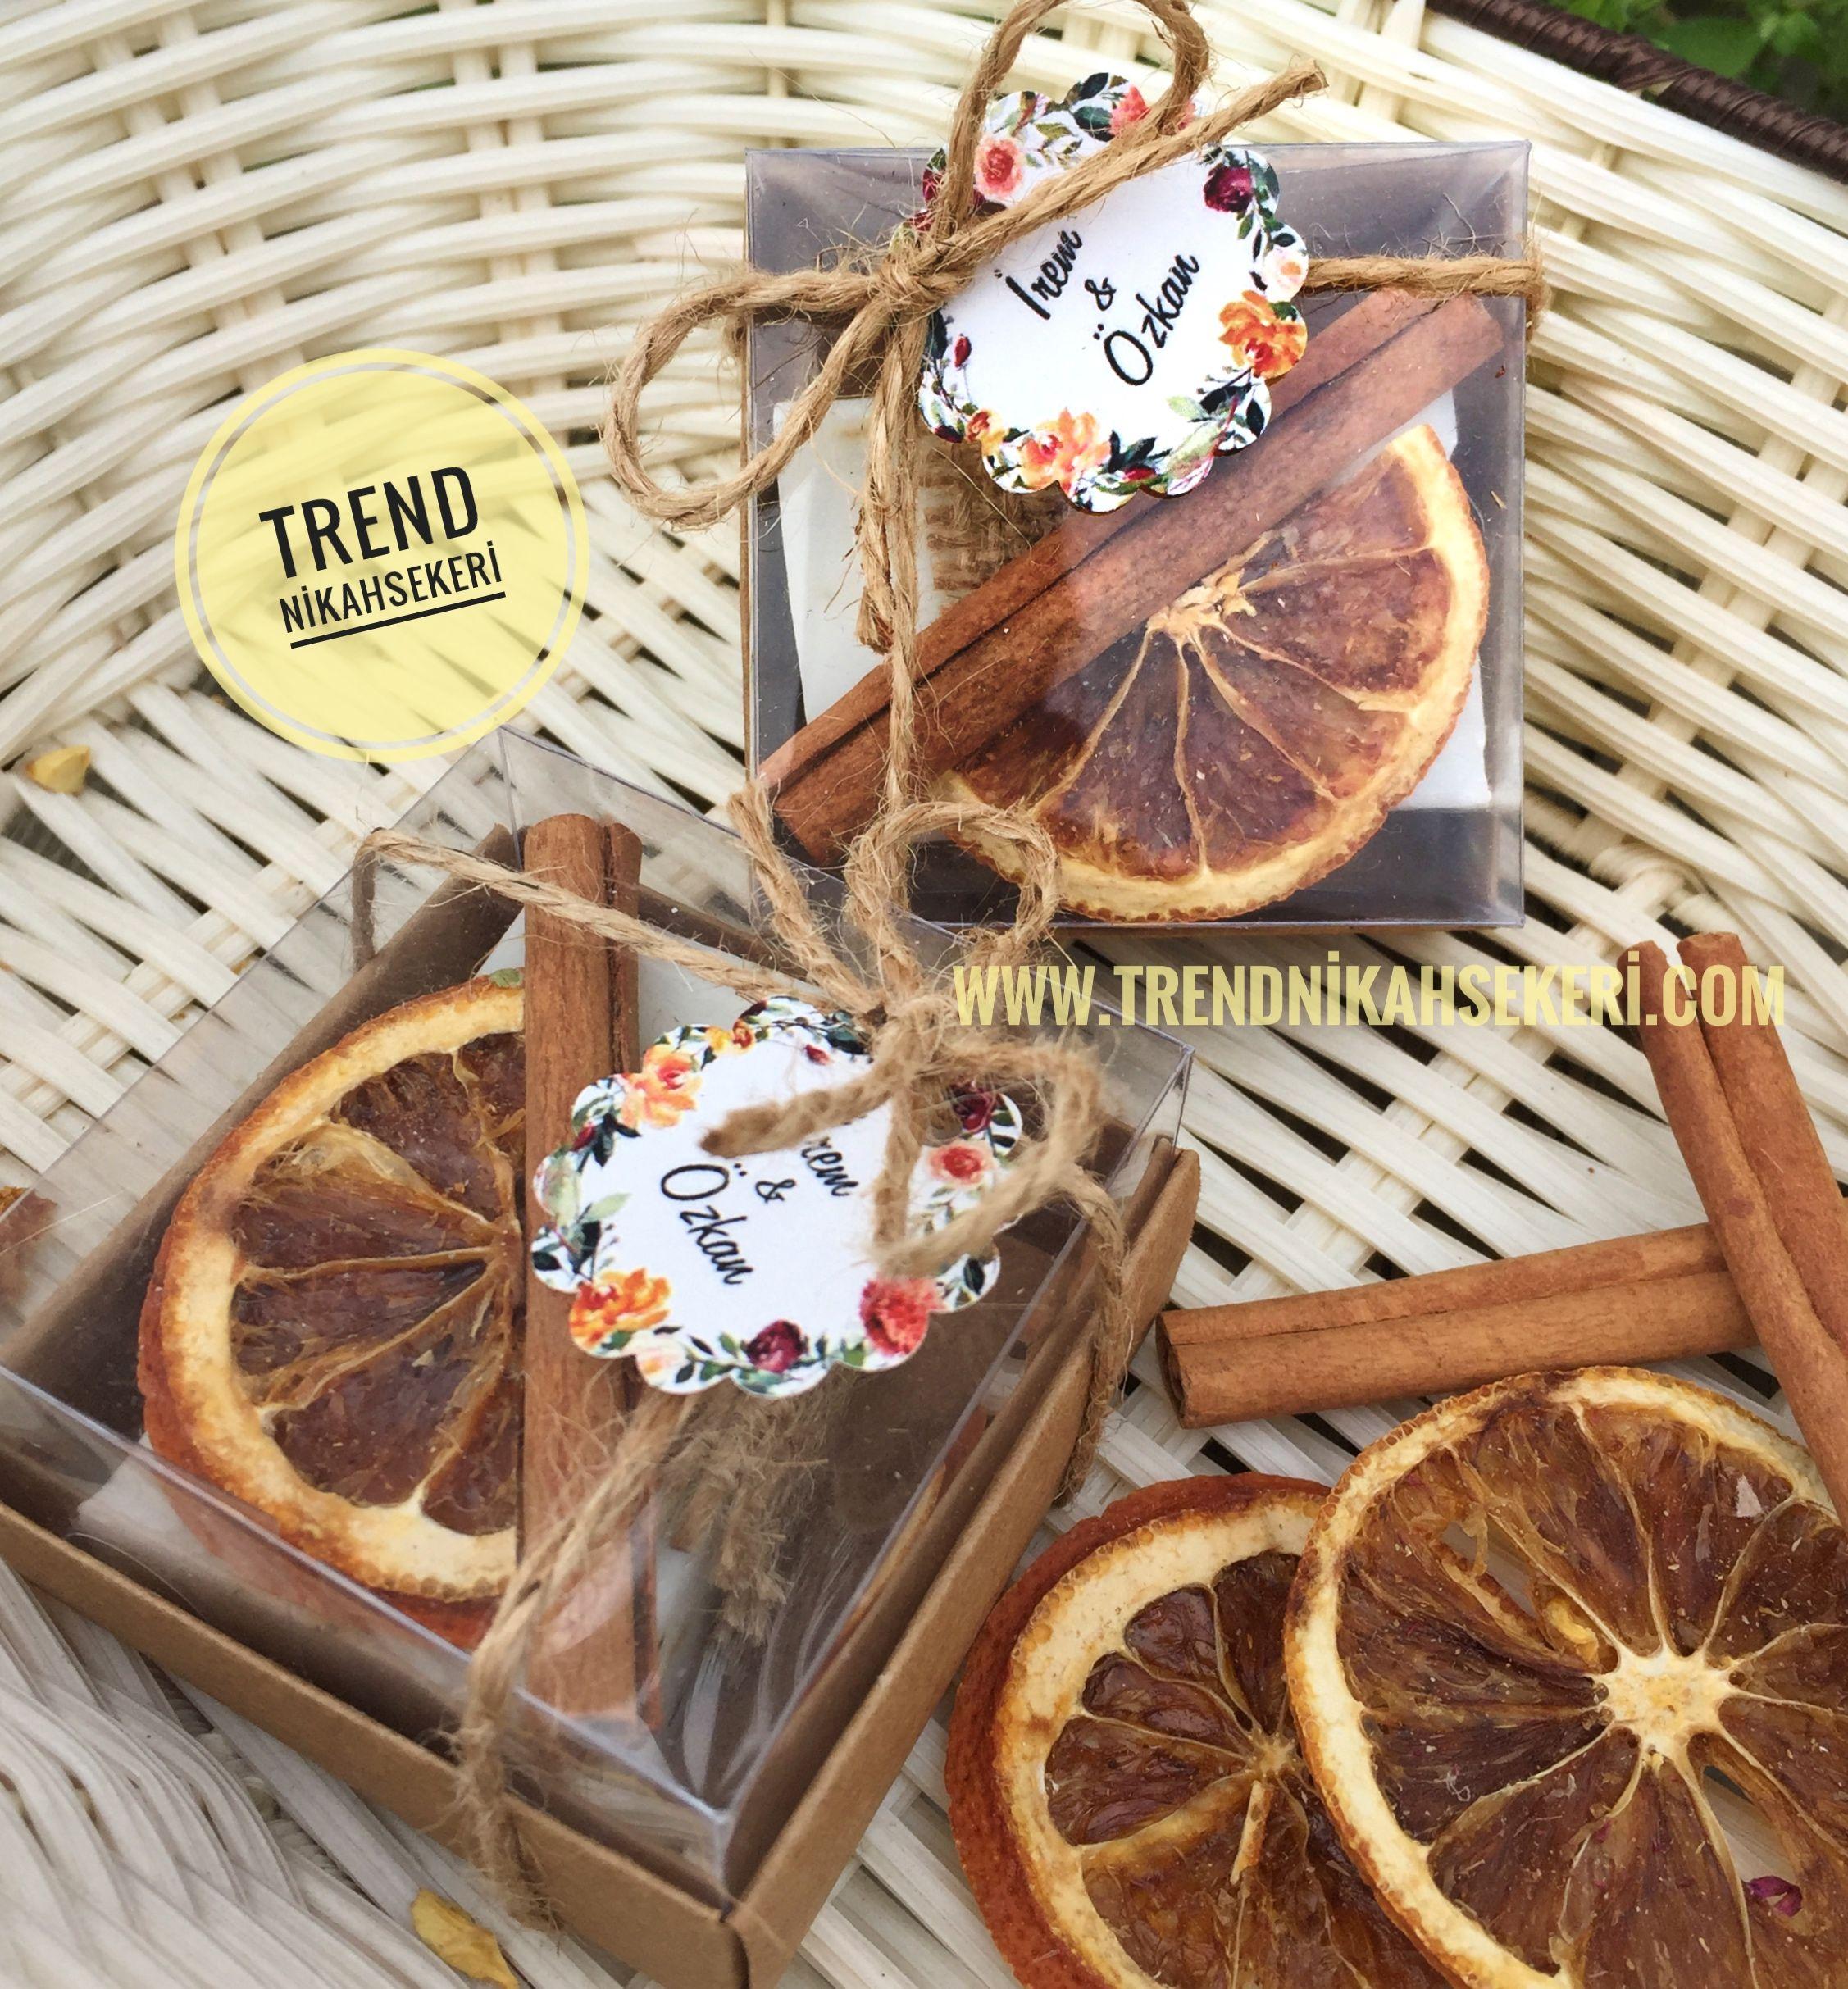 Portakal ve tarçın süslemeli hediyelik sabun